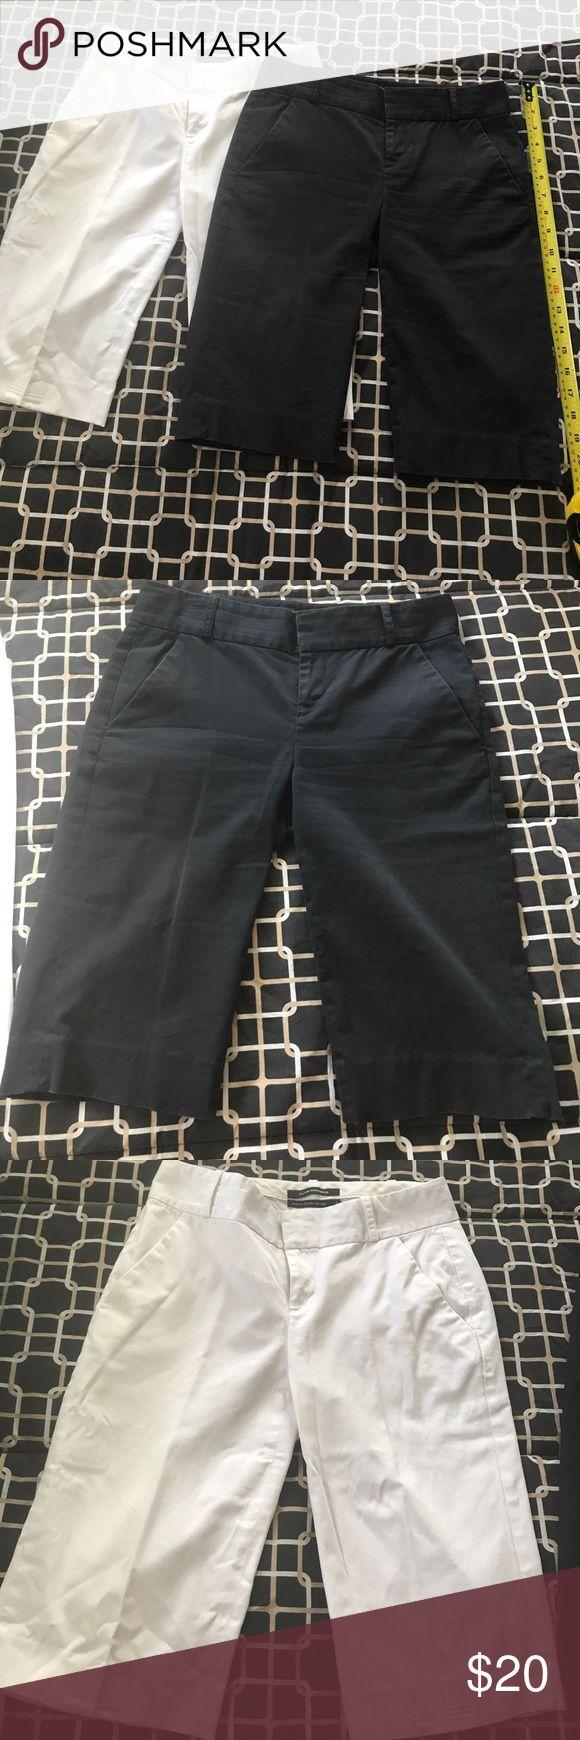 """Lot von 2 Golf / Walking Shorts in sehr gutem Zustand! Schön geschnittene Shorts. 12 """"in …   – My Posh Picks"""